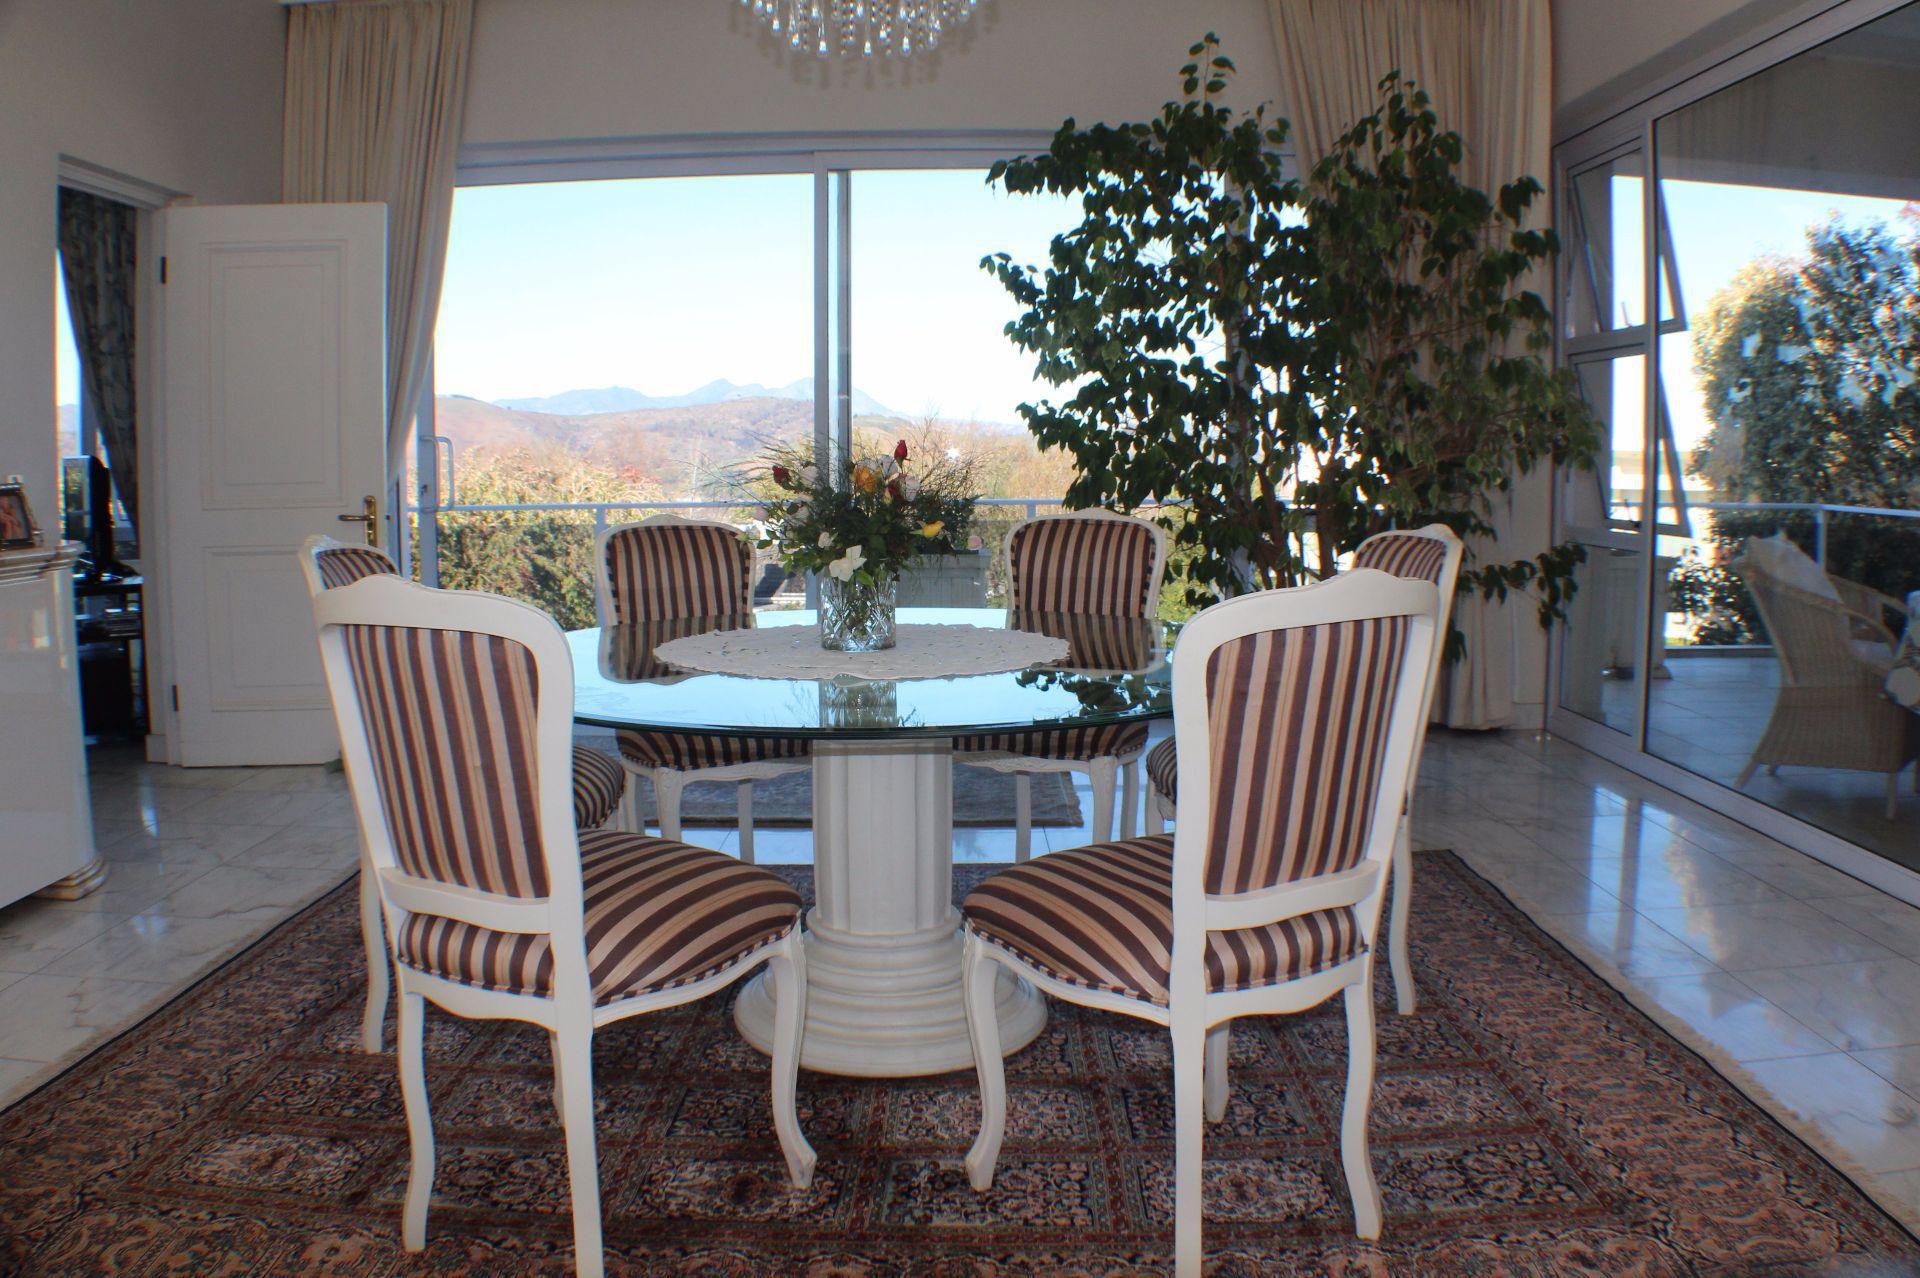 Erinvale Golf Estate property for sale. Ref No: 13509371. Picture no 11